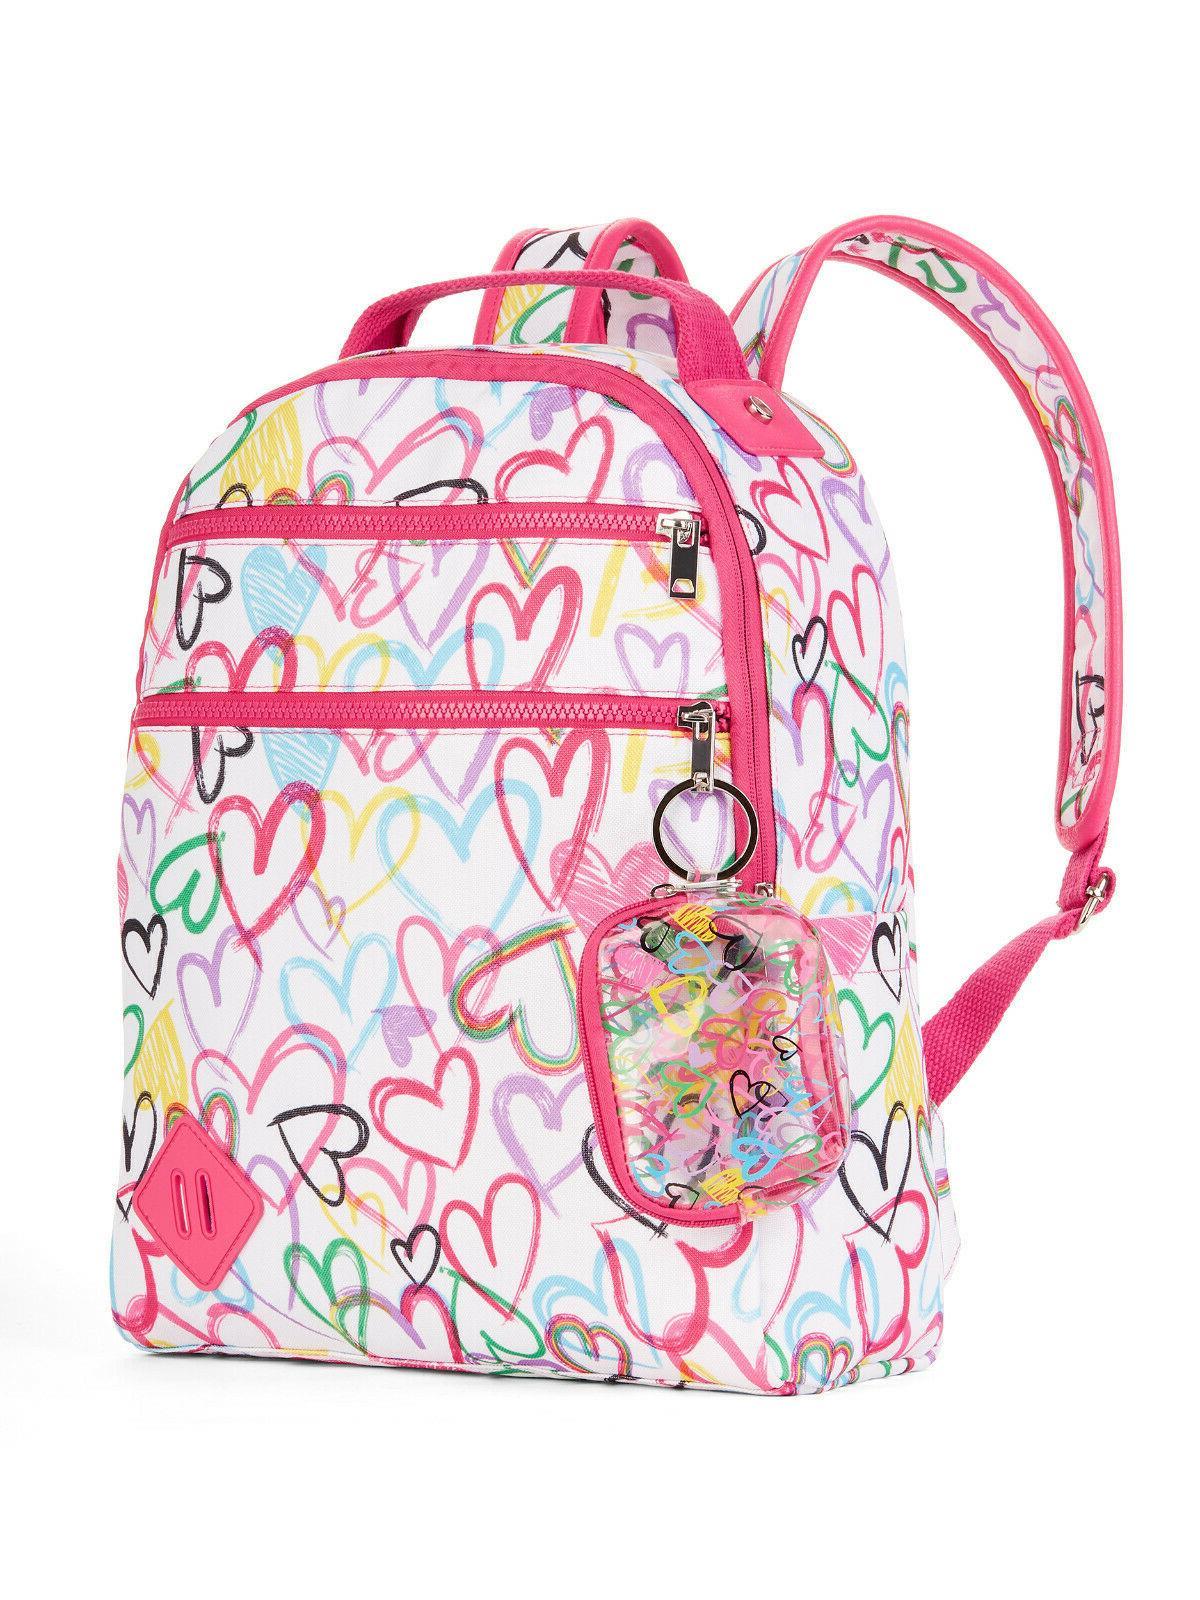 new hearts school laptop backpack knapsack bookbag